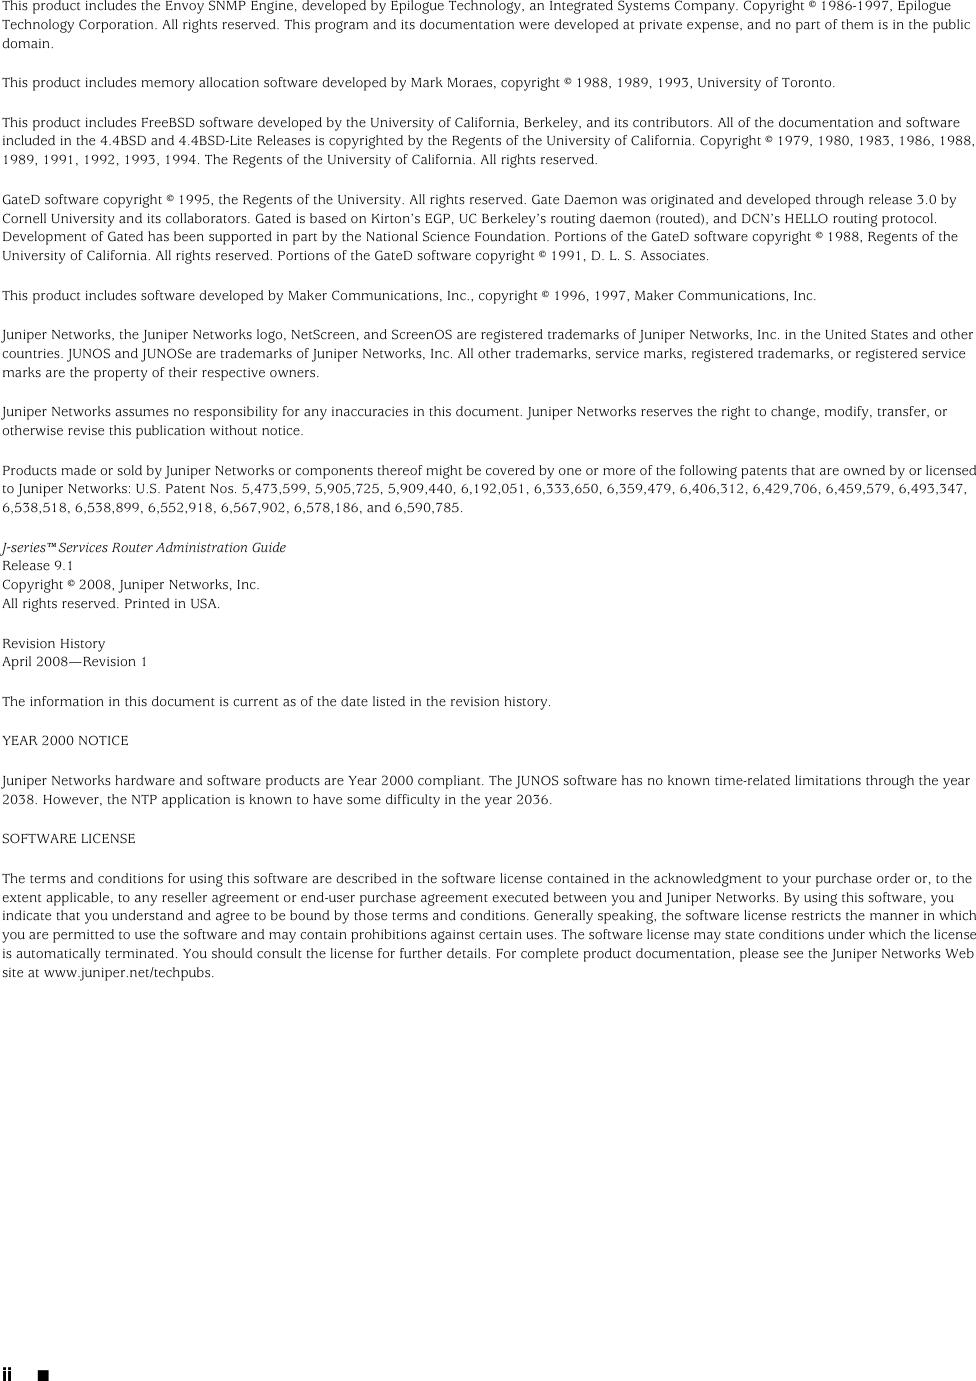 Juniper Networks J Series Users Manual